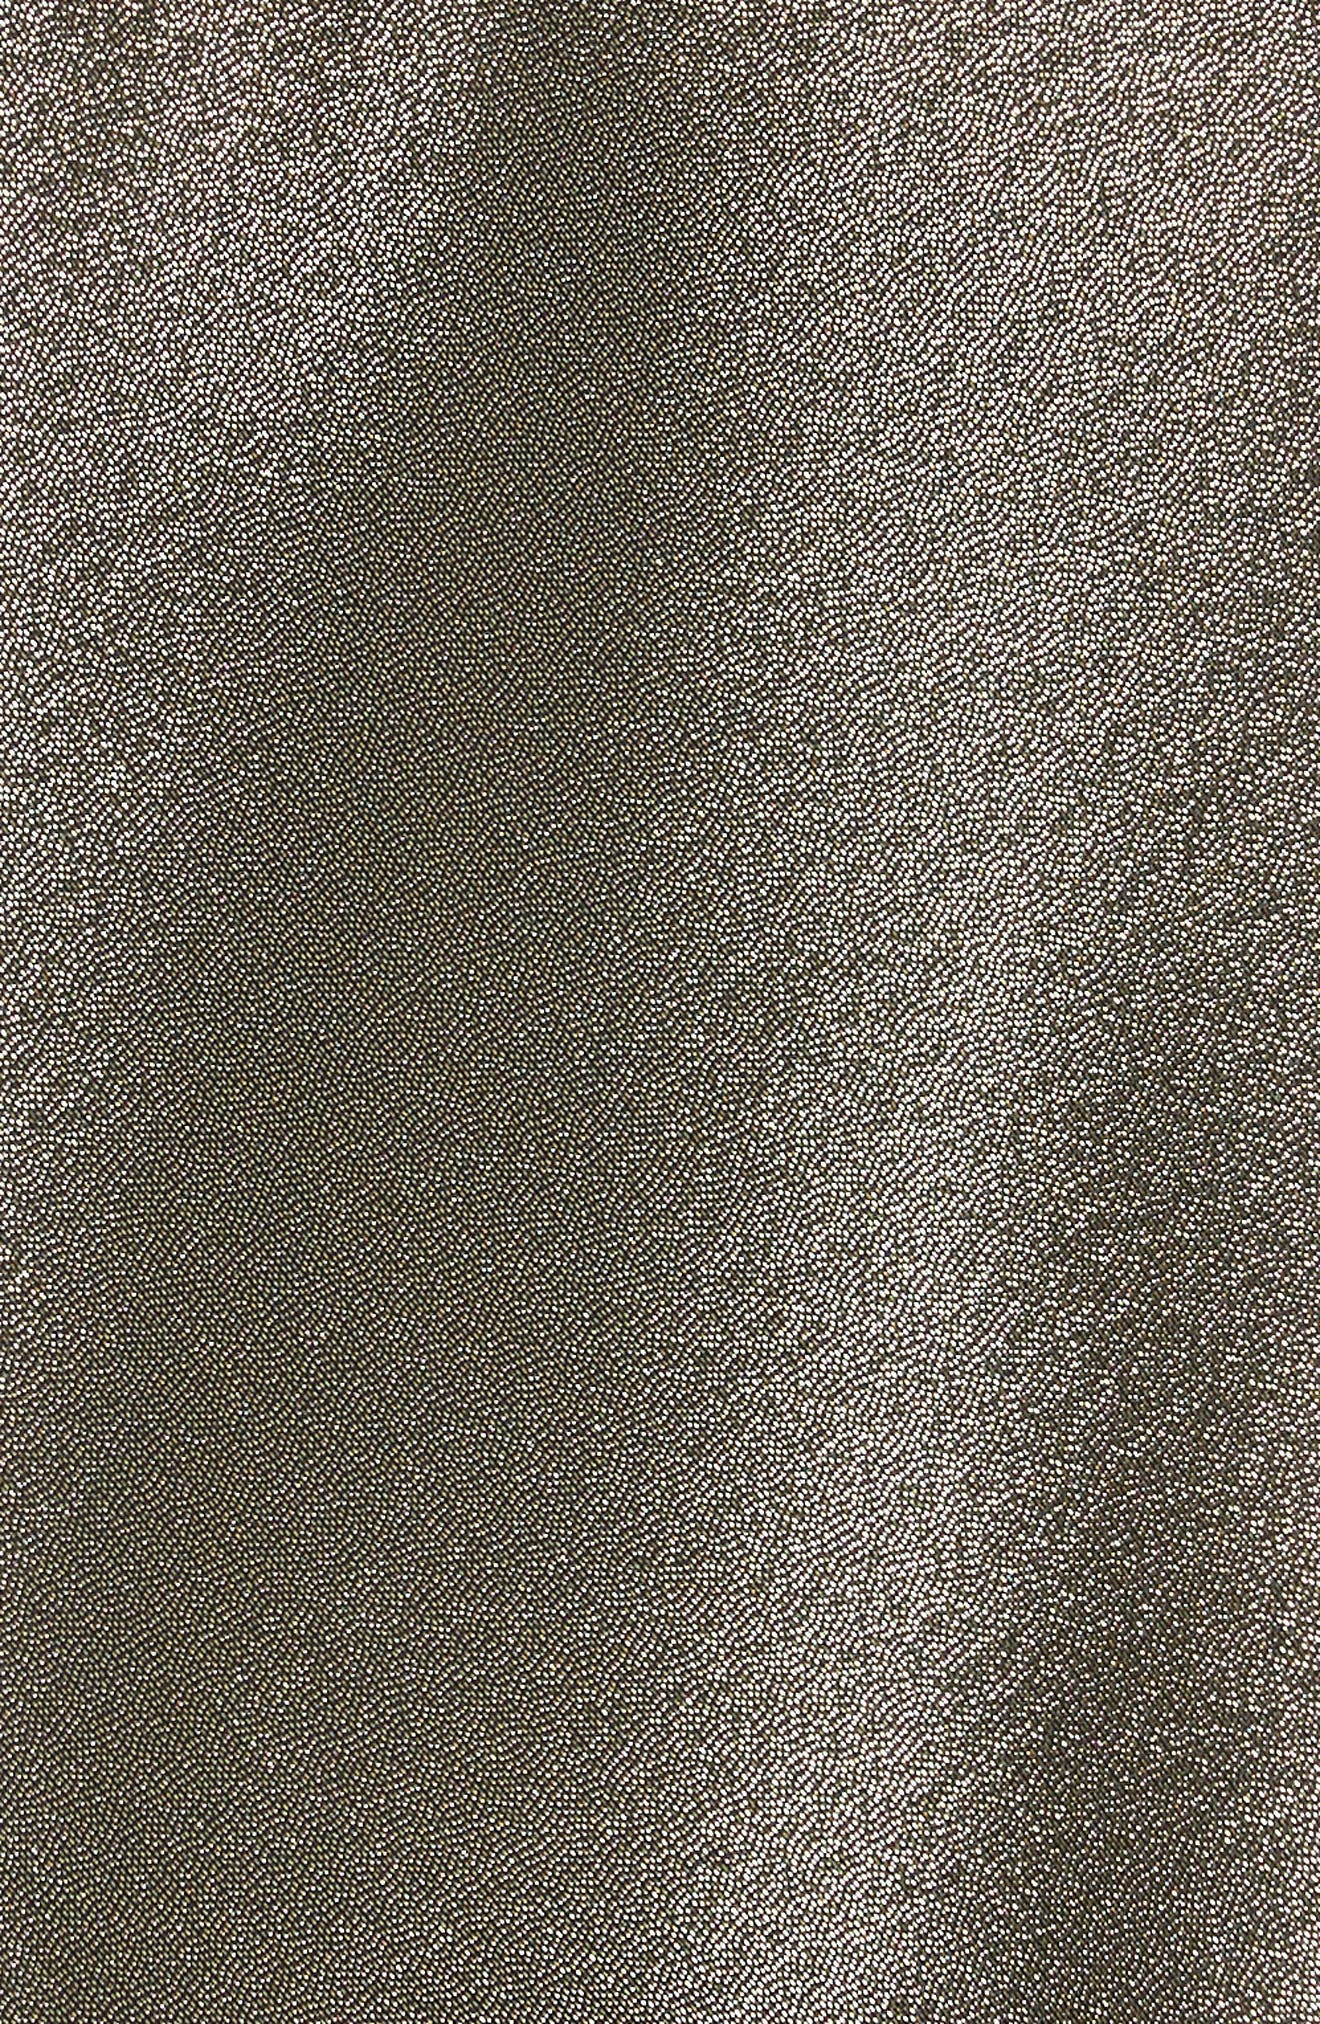 Julissa Bijoux Cloth Blouse,                             Alternate thumbnail 5, color,                             220